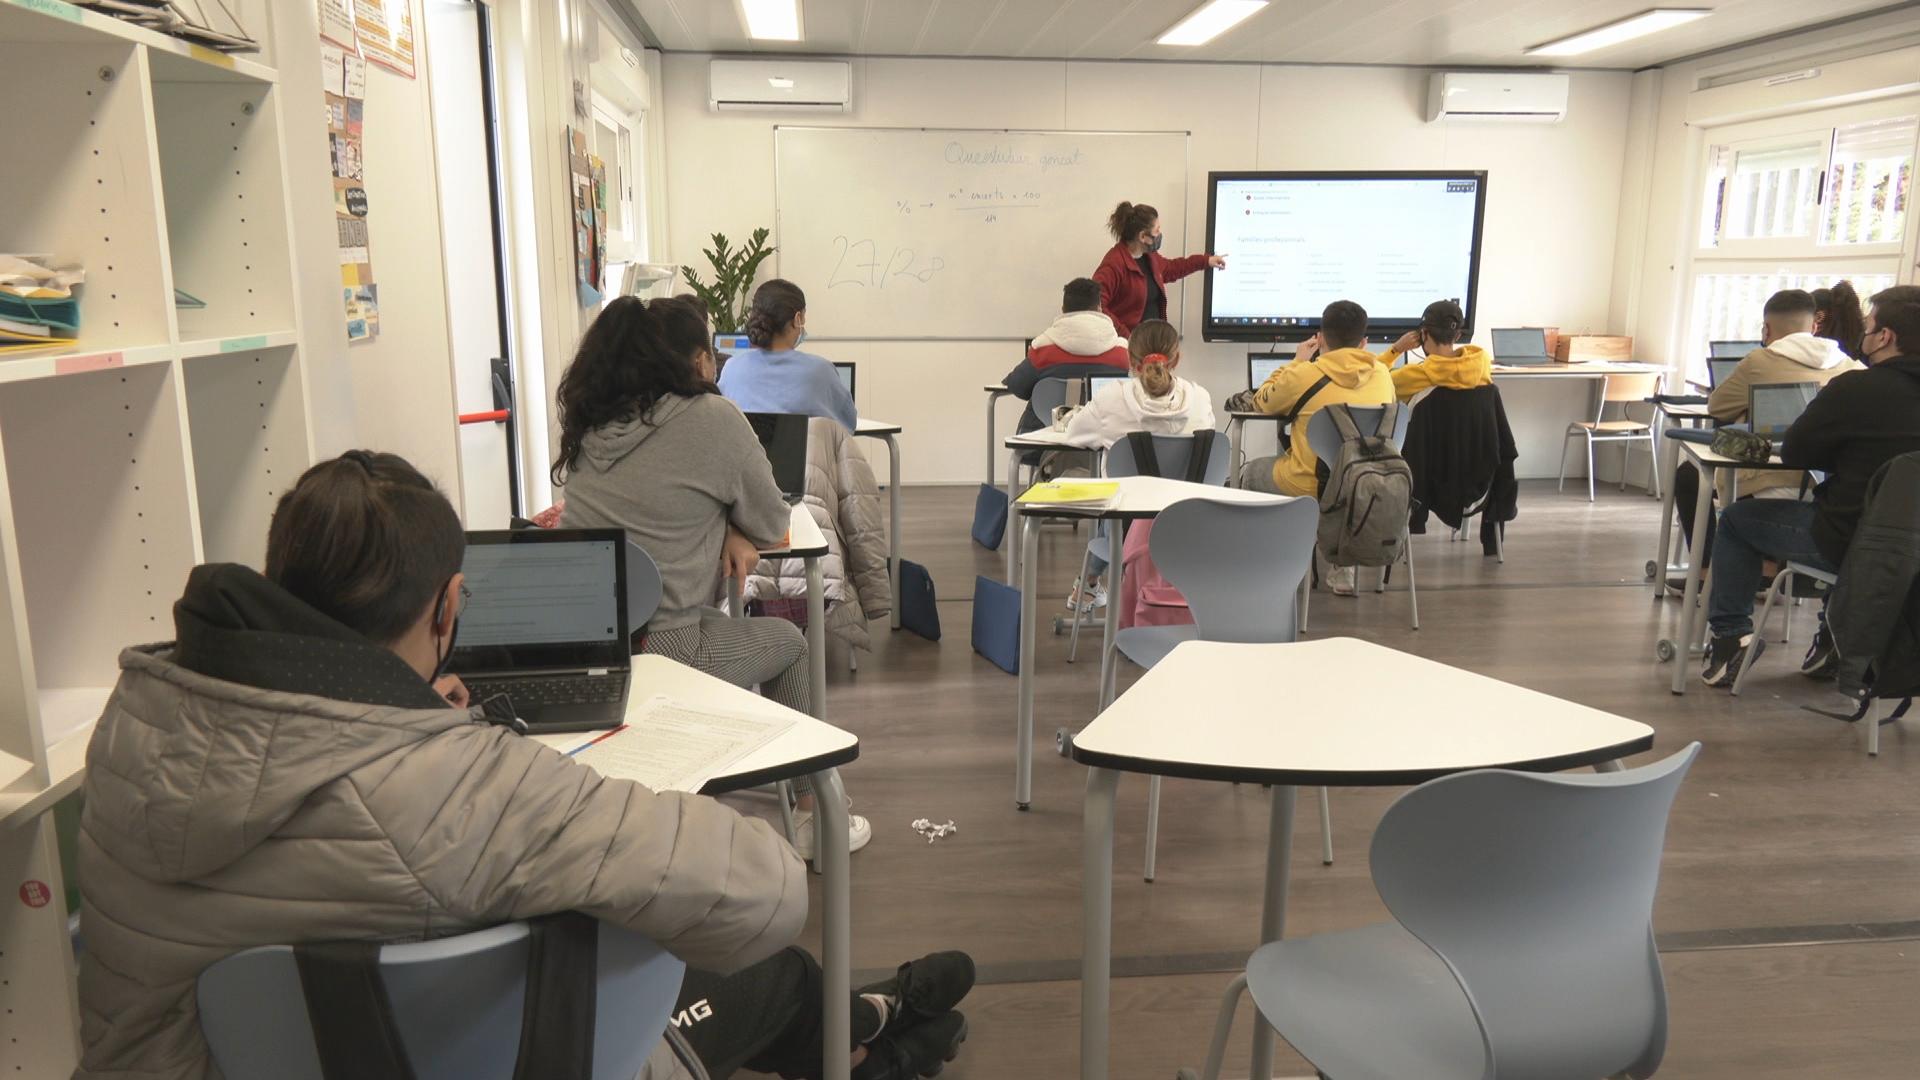 alumnes ESo amb ordinadors